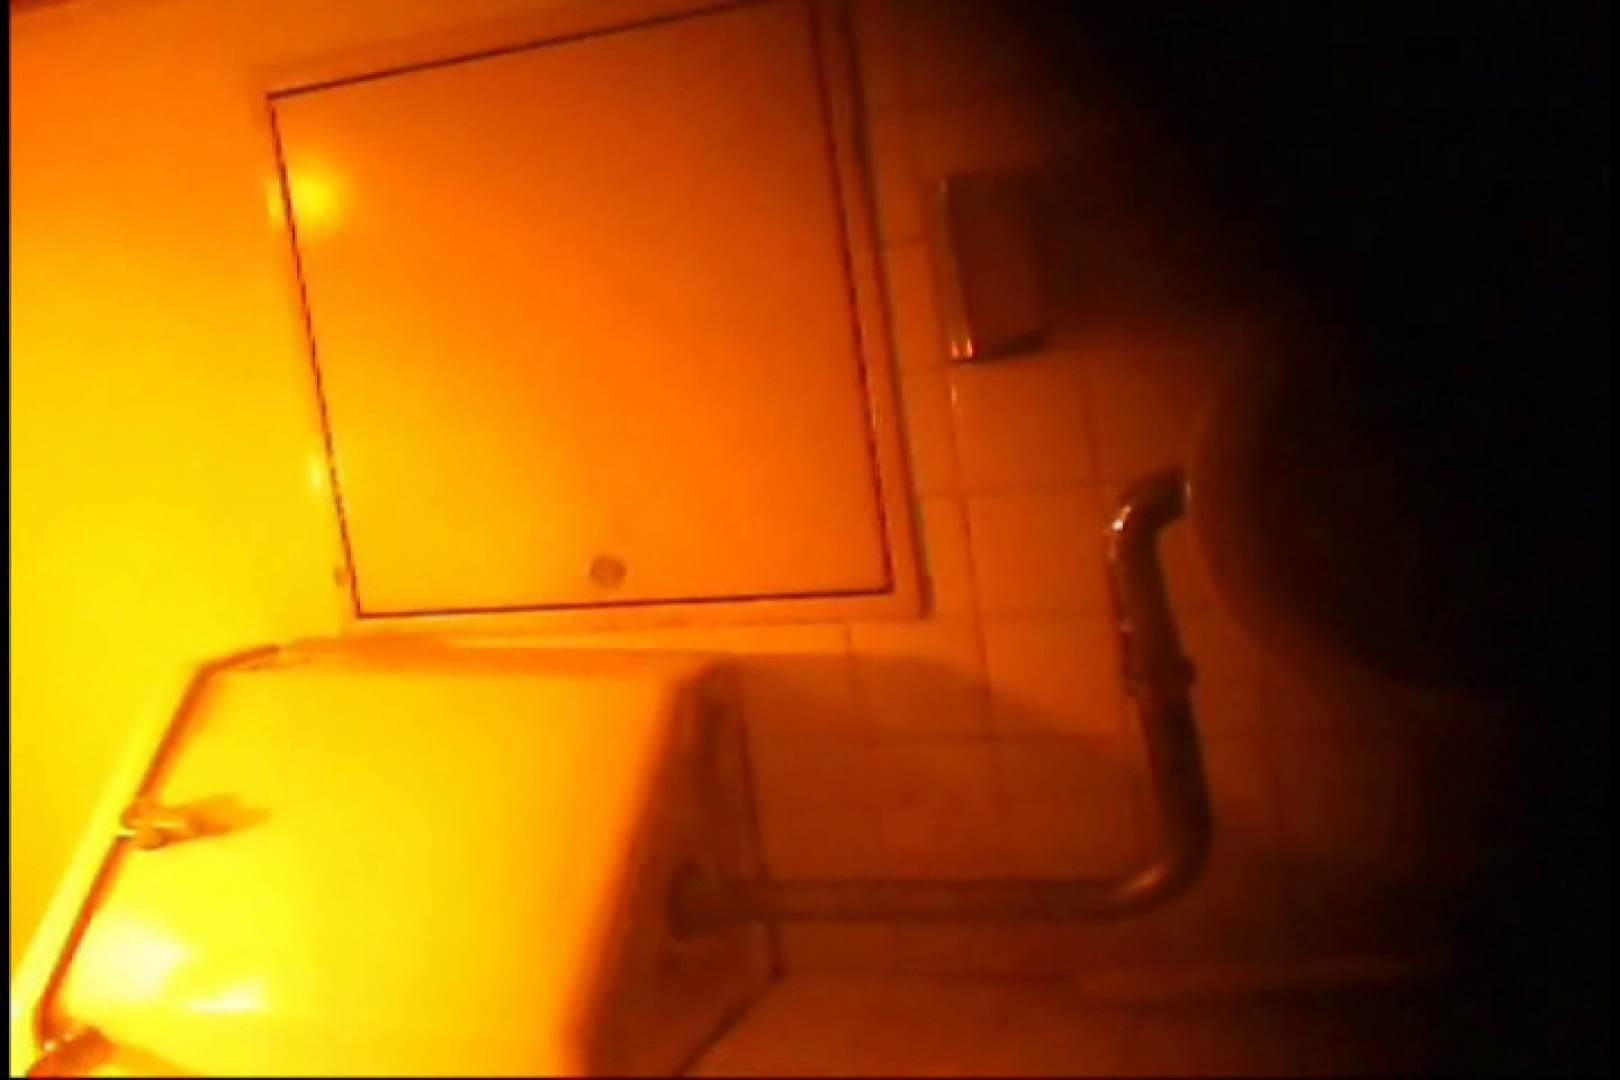 亀さんかわや VIP和式2カメバージョン! vol.04 黄金水 おめこ無修正動画無料 93PIX 22